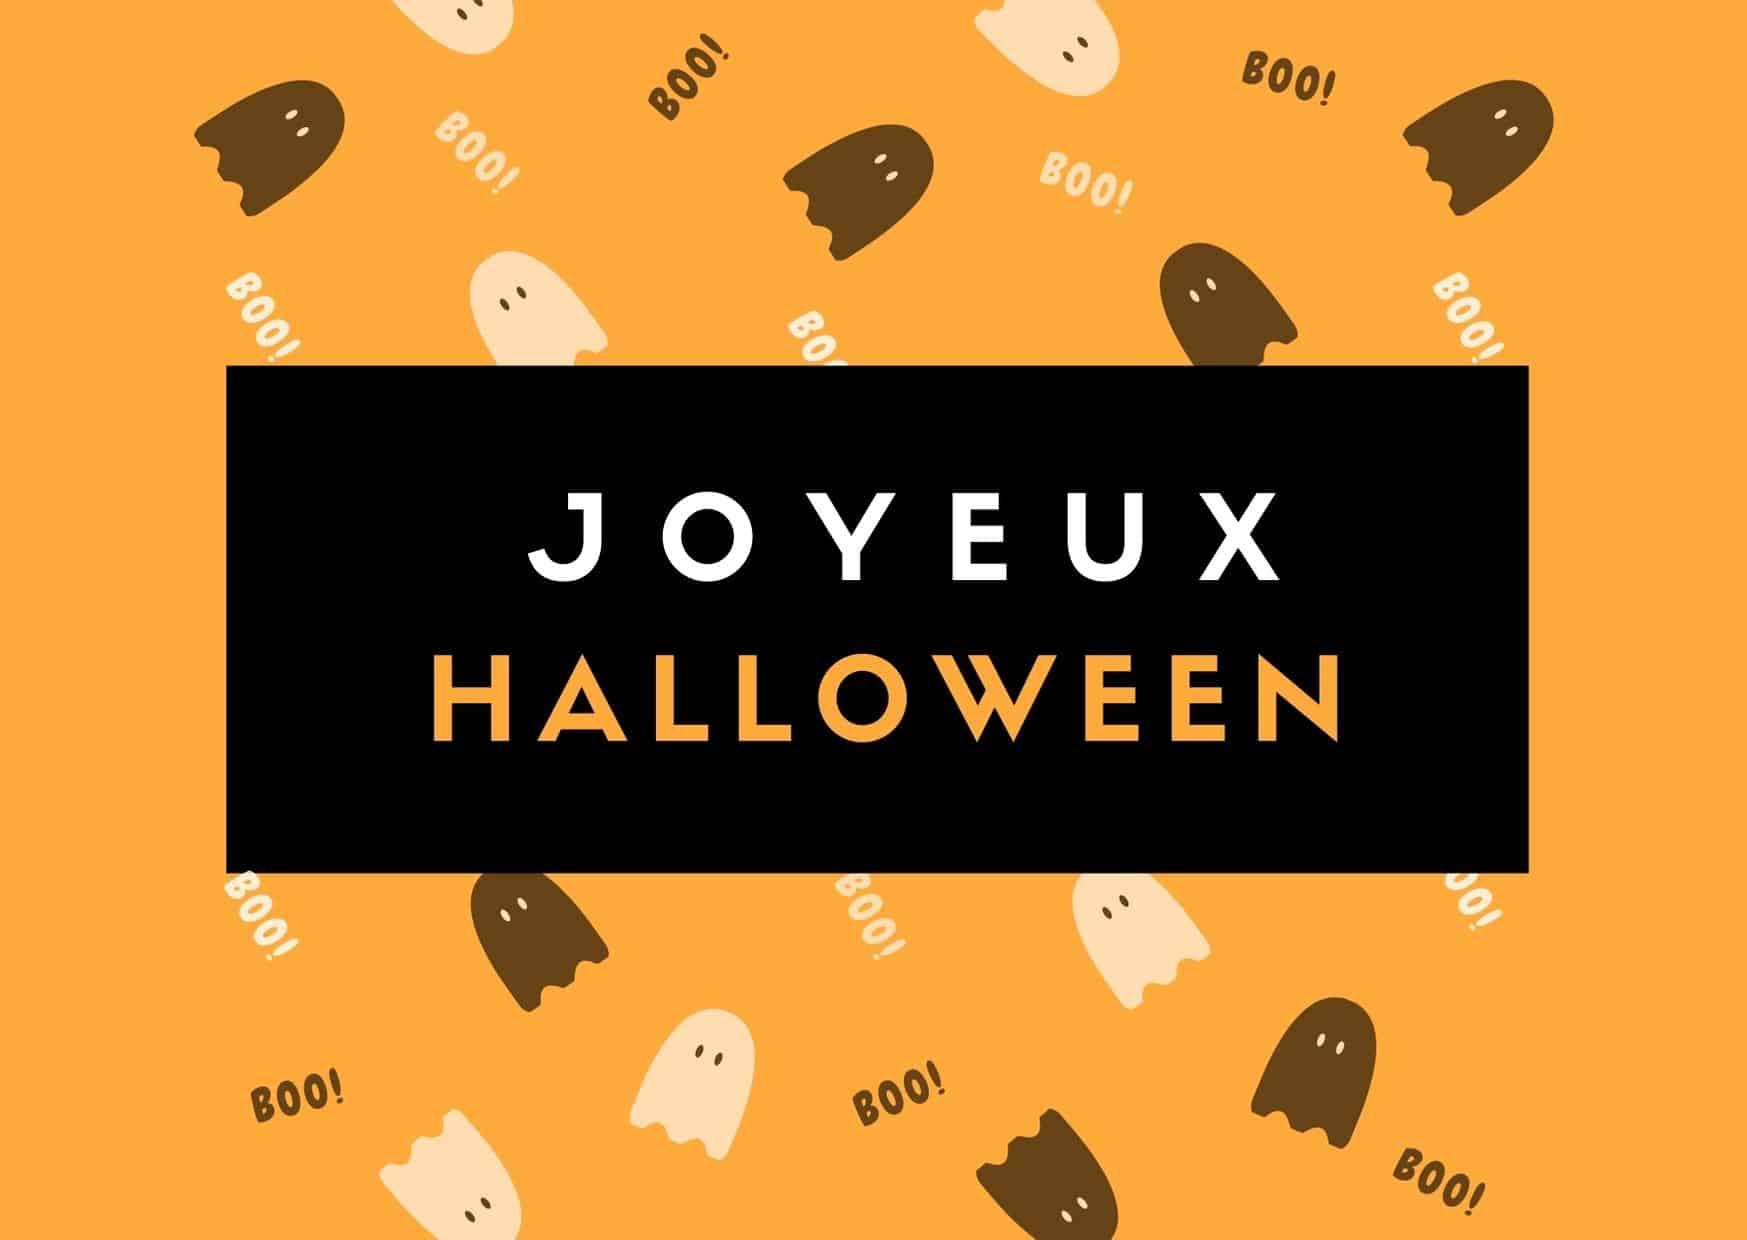 voeux joyeux halloween